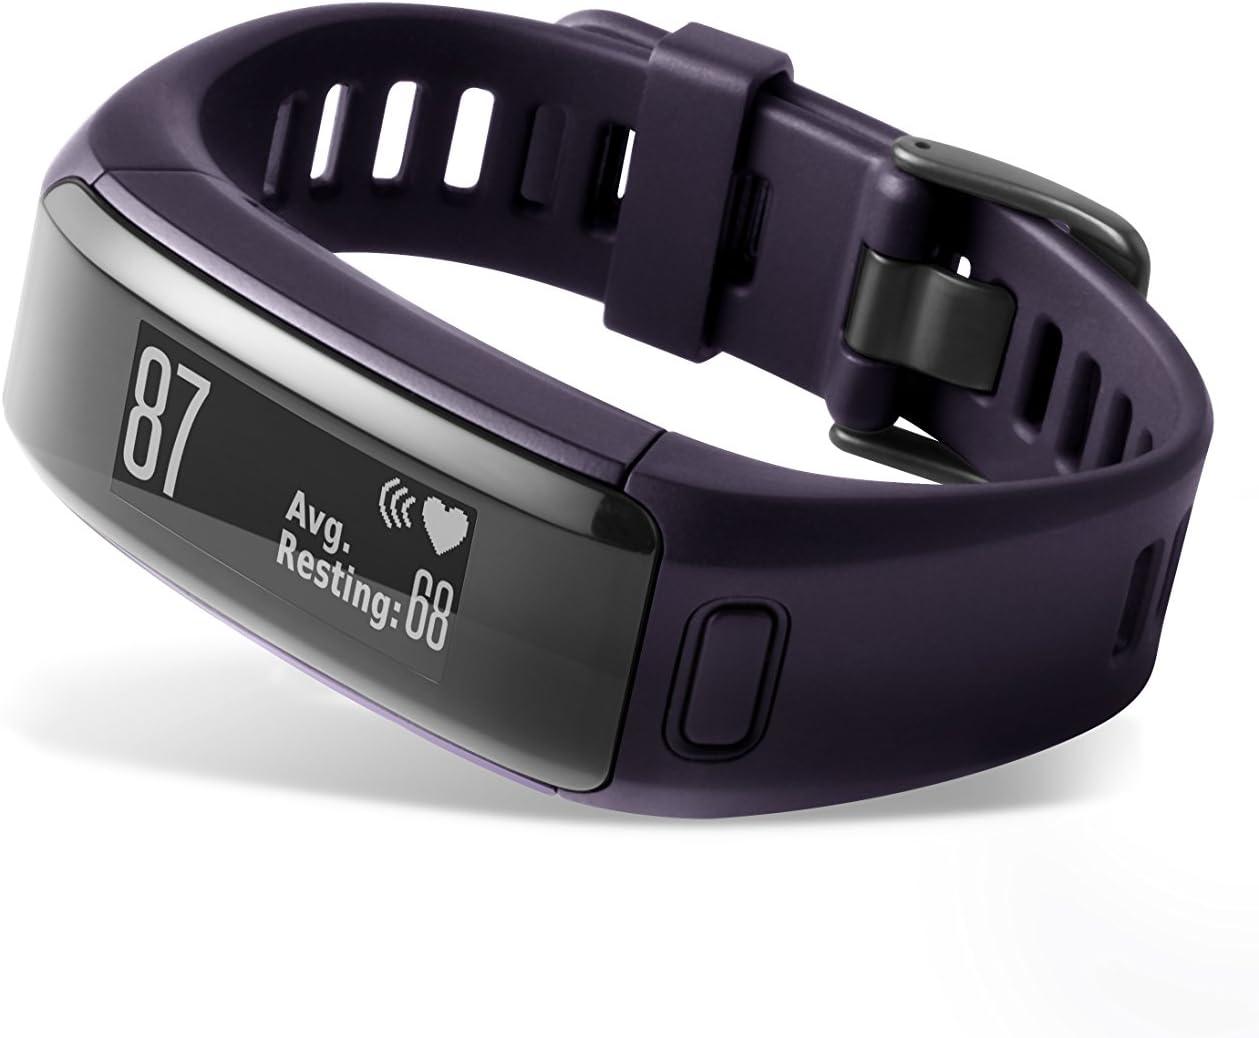 Garmin Vívosmart HR - pulsera de actividad con pulsómetro integrado Garmin Elevate